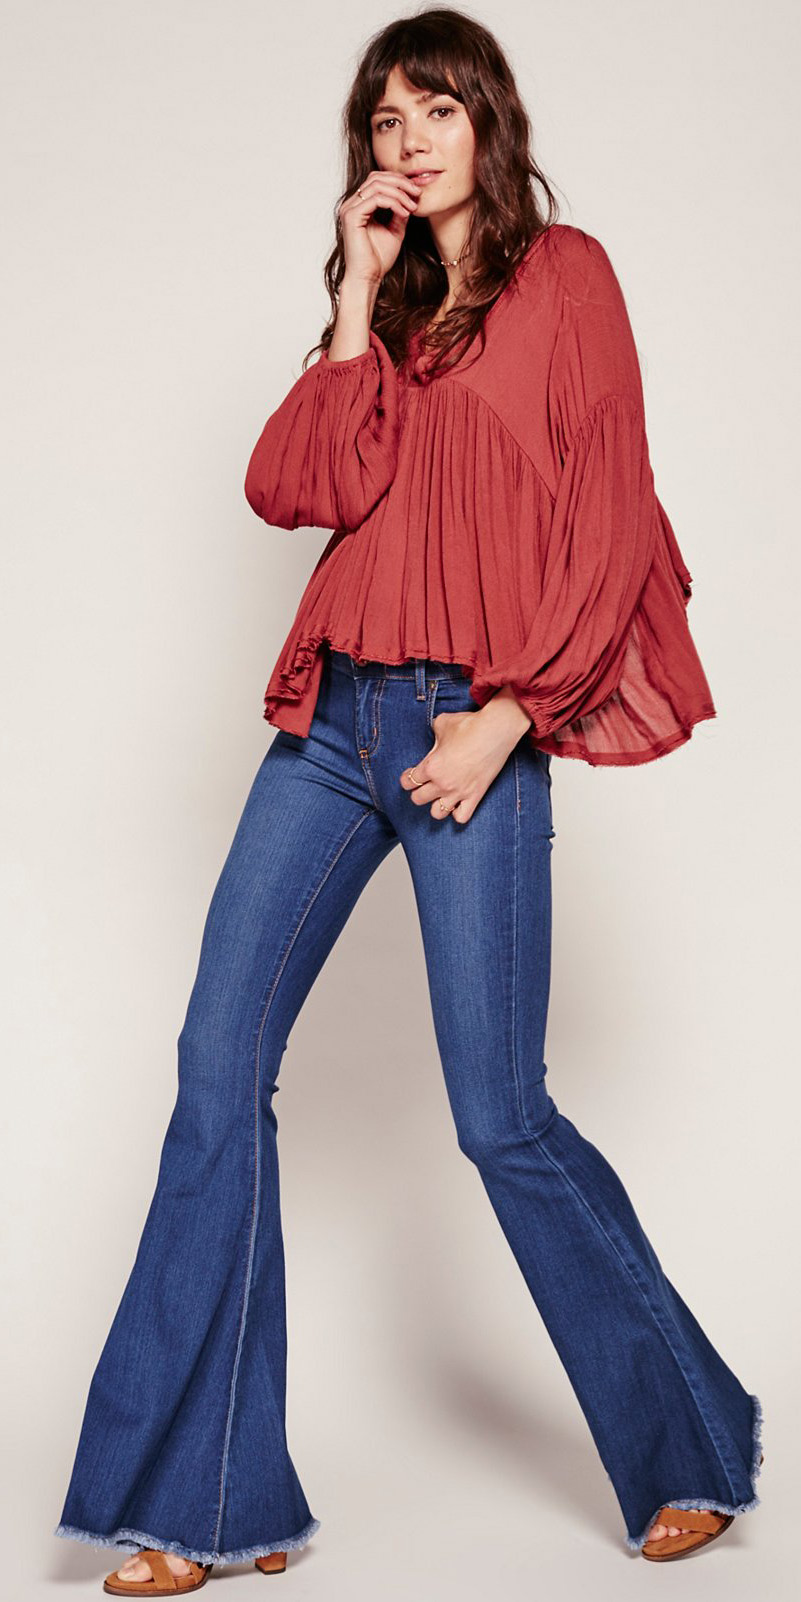 blue-navy-flare-jeans-orange-top-blouse-peasant-flowy-cognac-shoe-sandalh-spring-summer-hairr-weekend.jpg